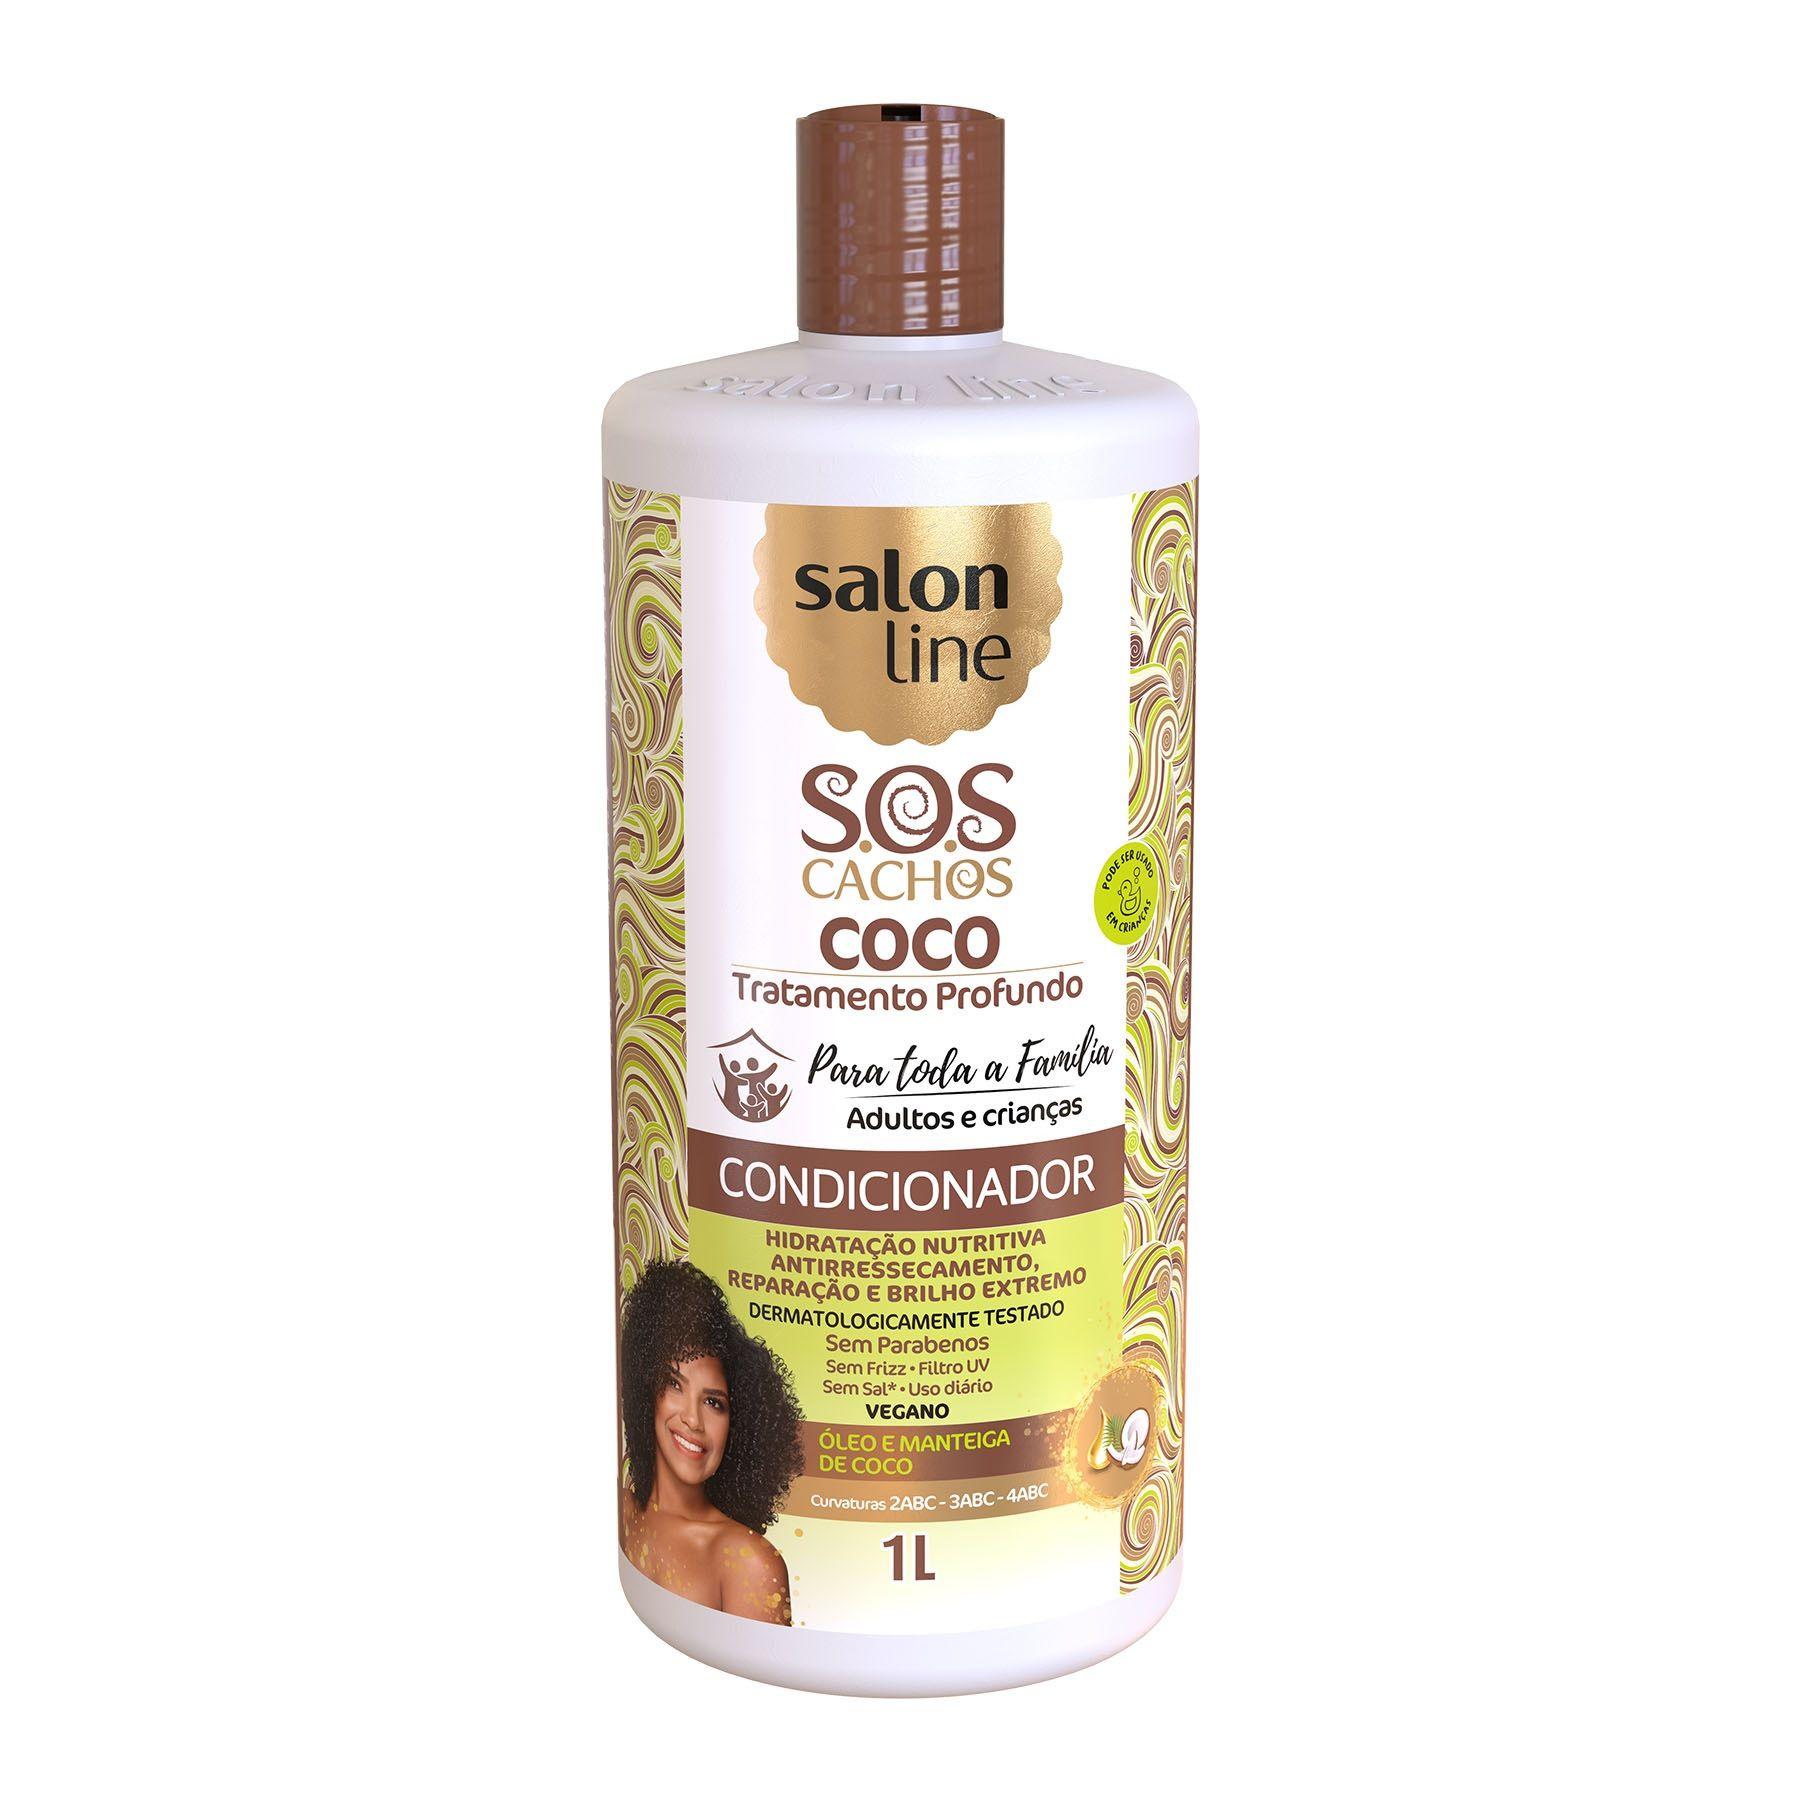 Condicionador Coco Tratam Prof SOS Cachos 1L Salon Line